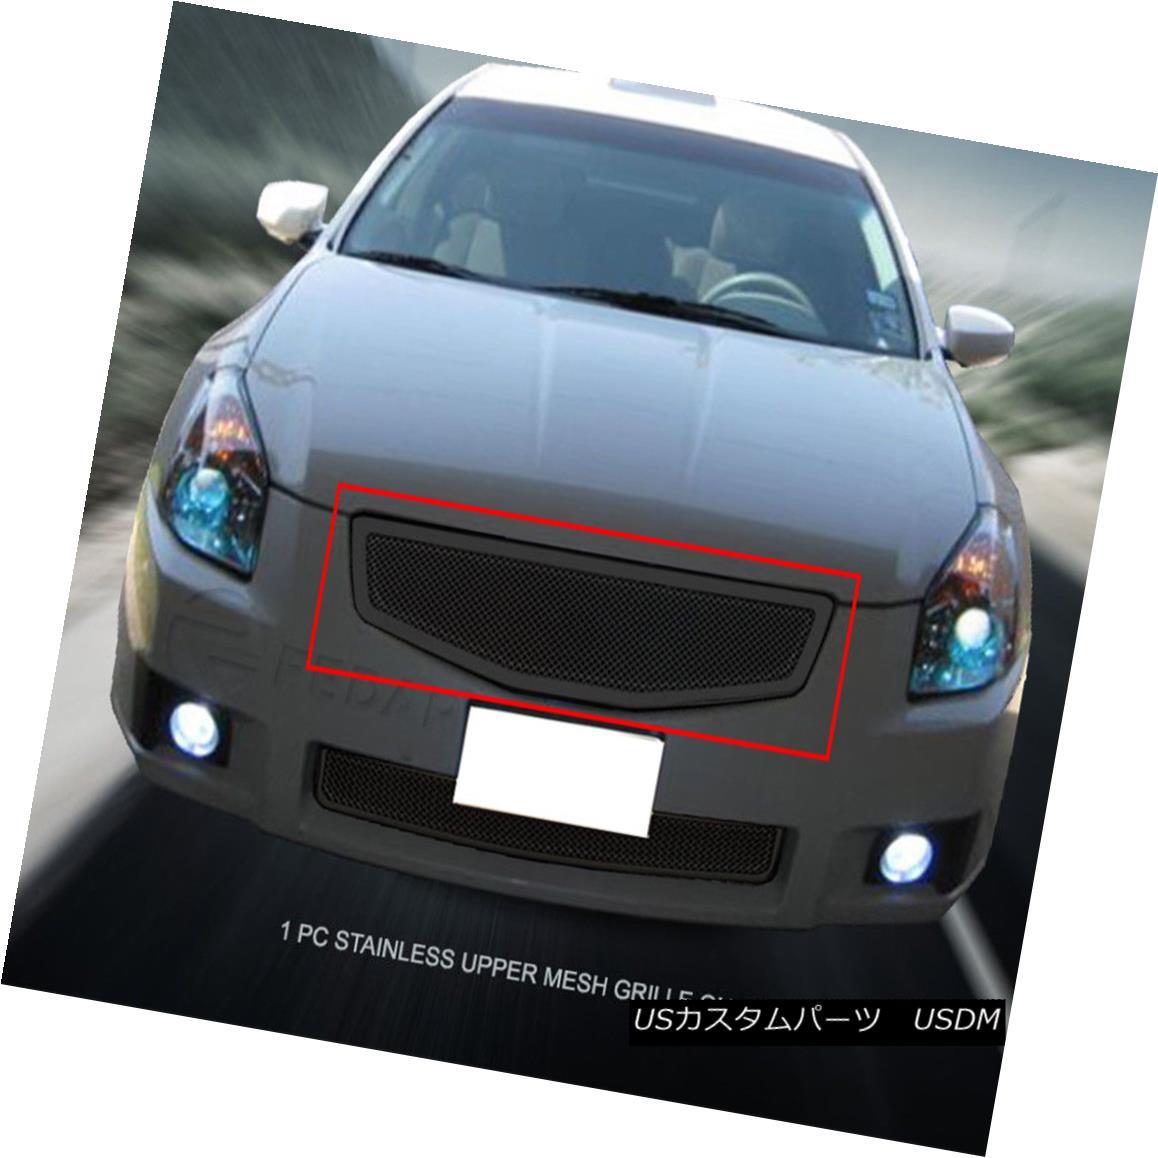 グリル Fedar Fits 2007-2008 Nissan Maxima Full Black Insert Formed Mesh Grille Insert Fedarは2007-2008年にフィットします日産マキシマフルブラックインサートメッシュグリルインサート